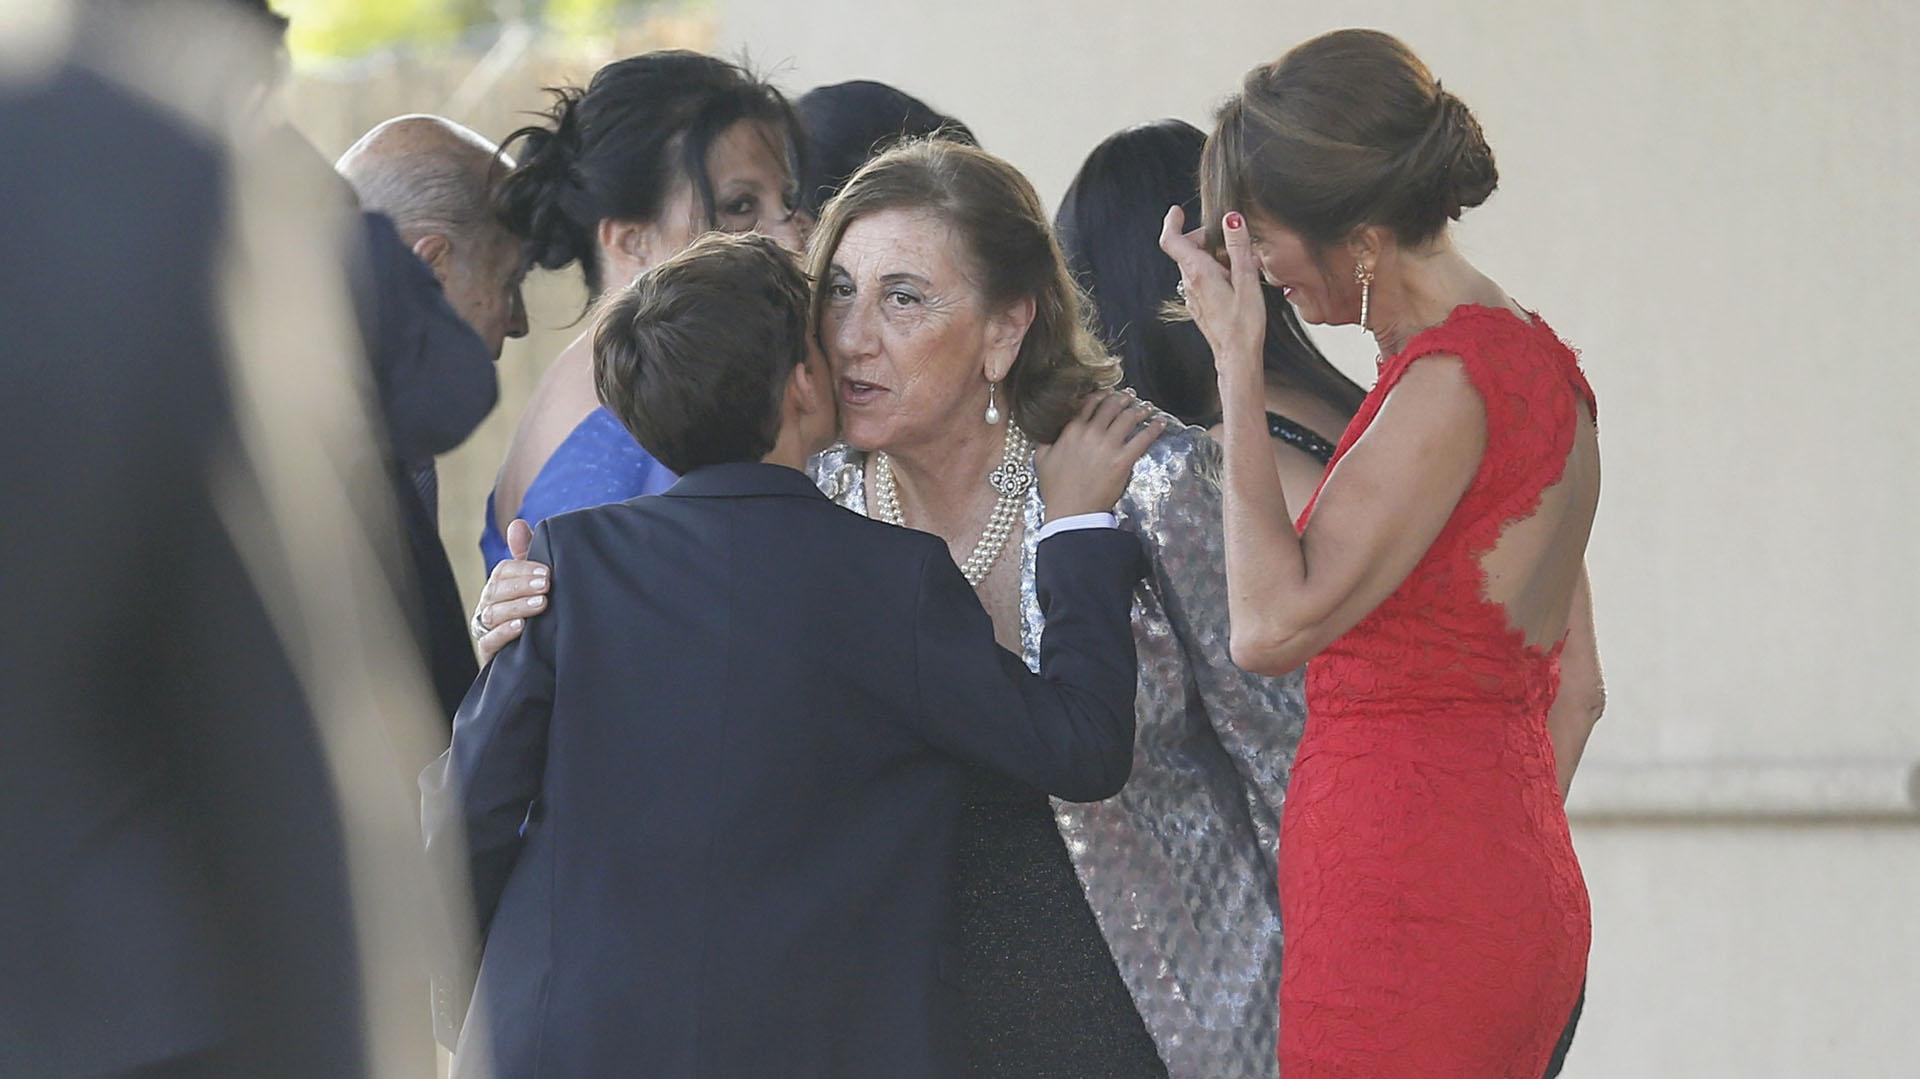 El 23 de marzo la pareja había pasado por el civil (Nicolás Aboaf)